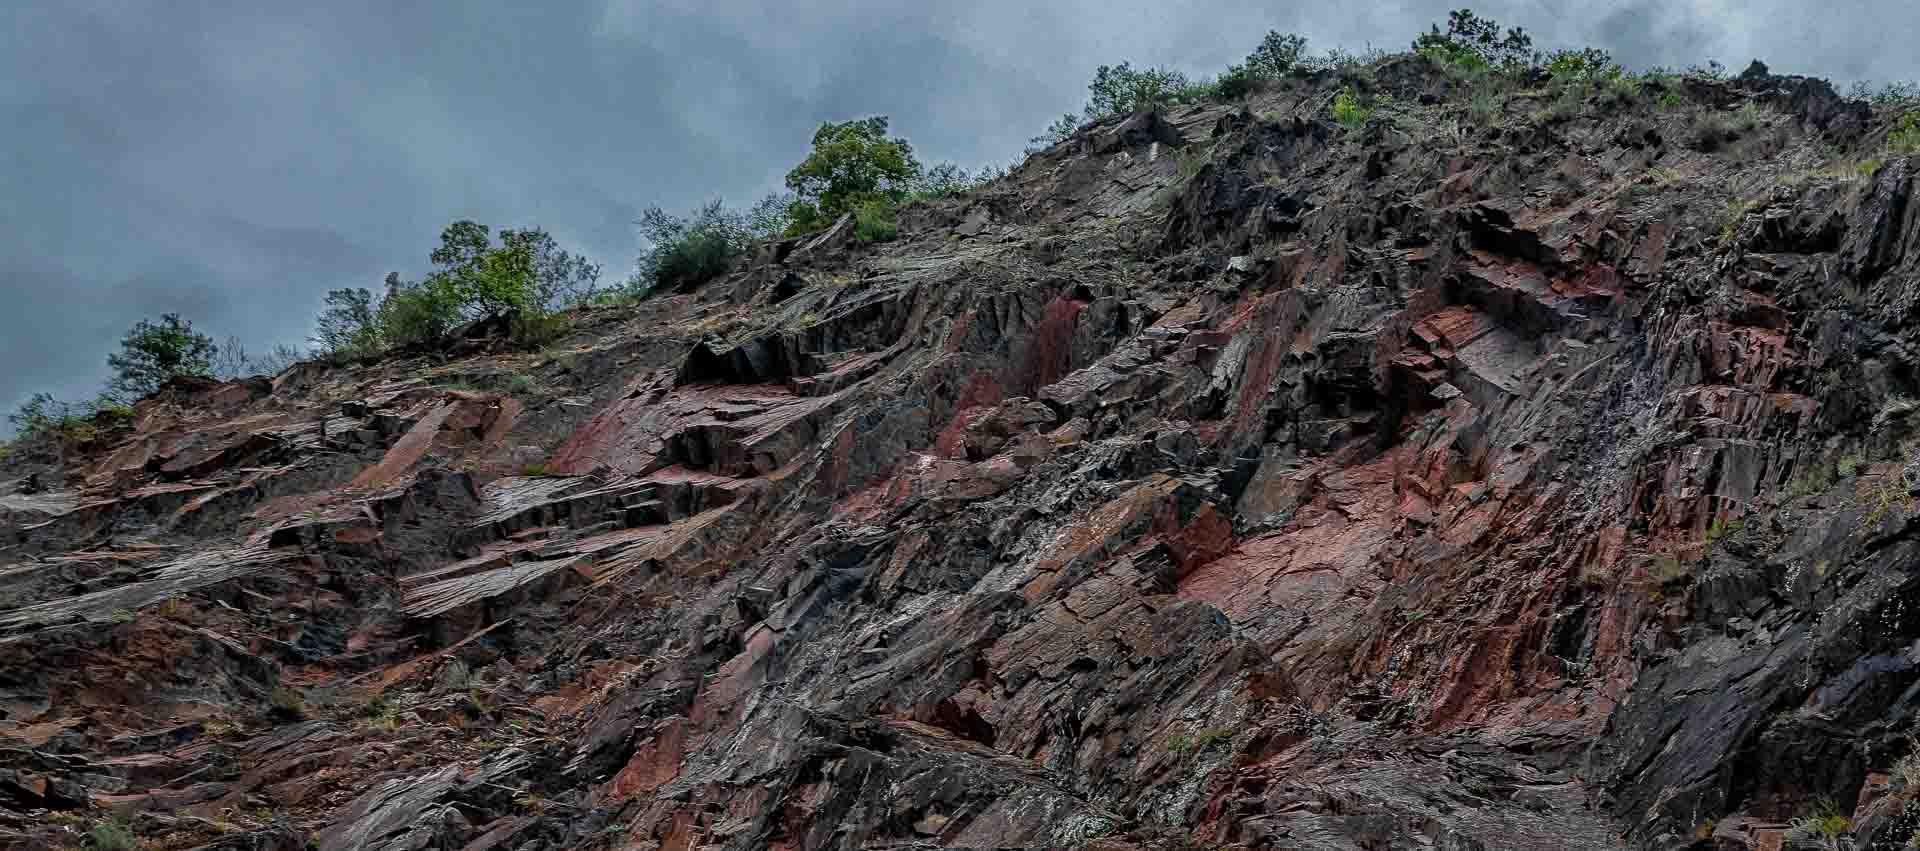 Neefer Frauenberg Mosel Fels aus rotem und blauen Schiefer mit Wolken am Himmel